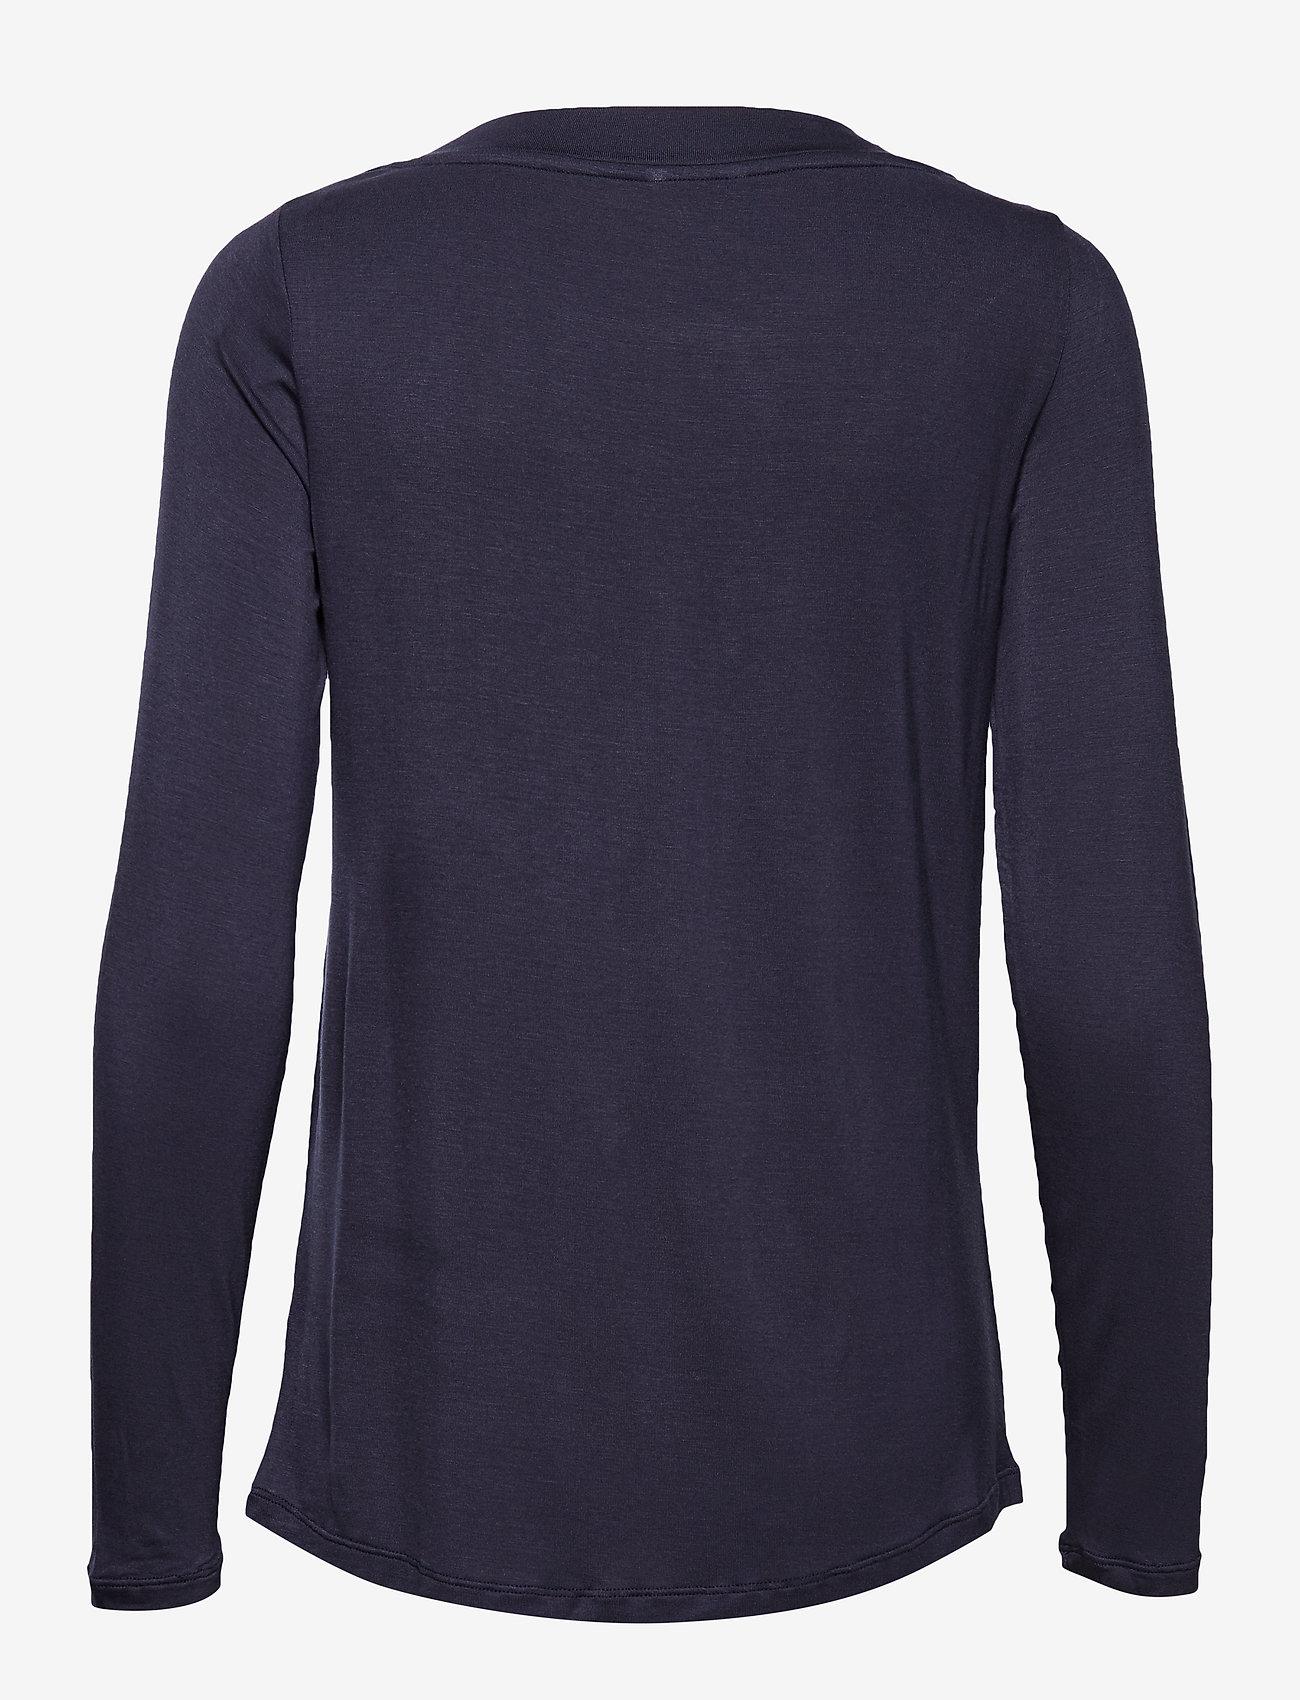 Esprit Bodywear Women - Night-T-Shirts - overdele - navy - 1